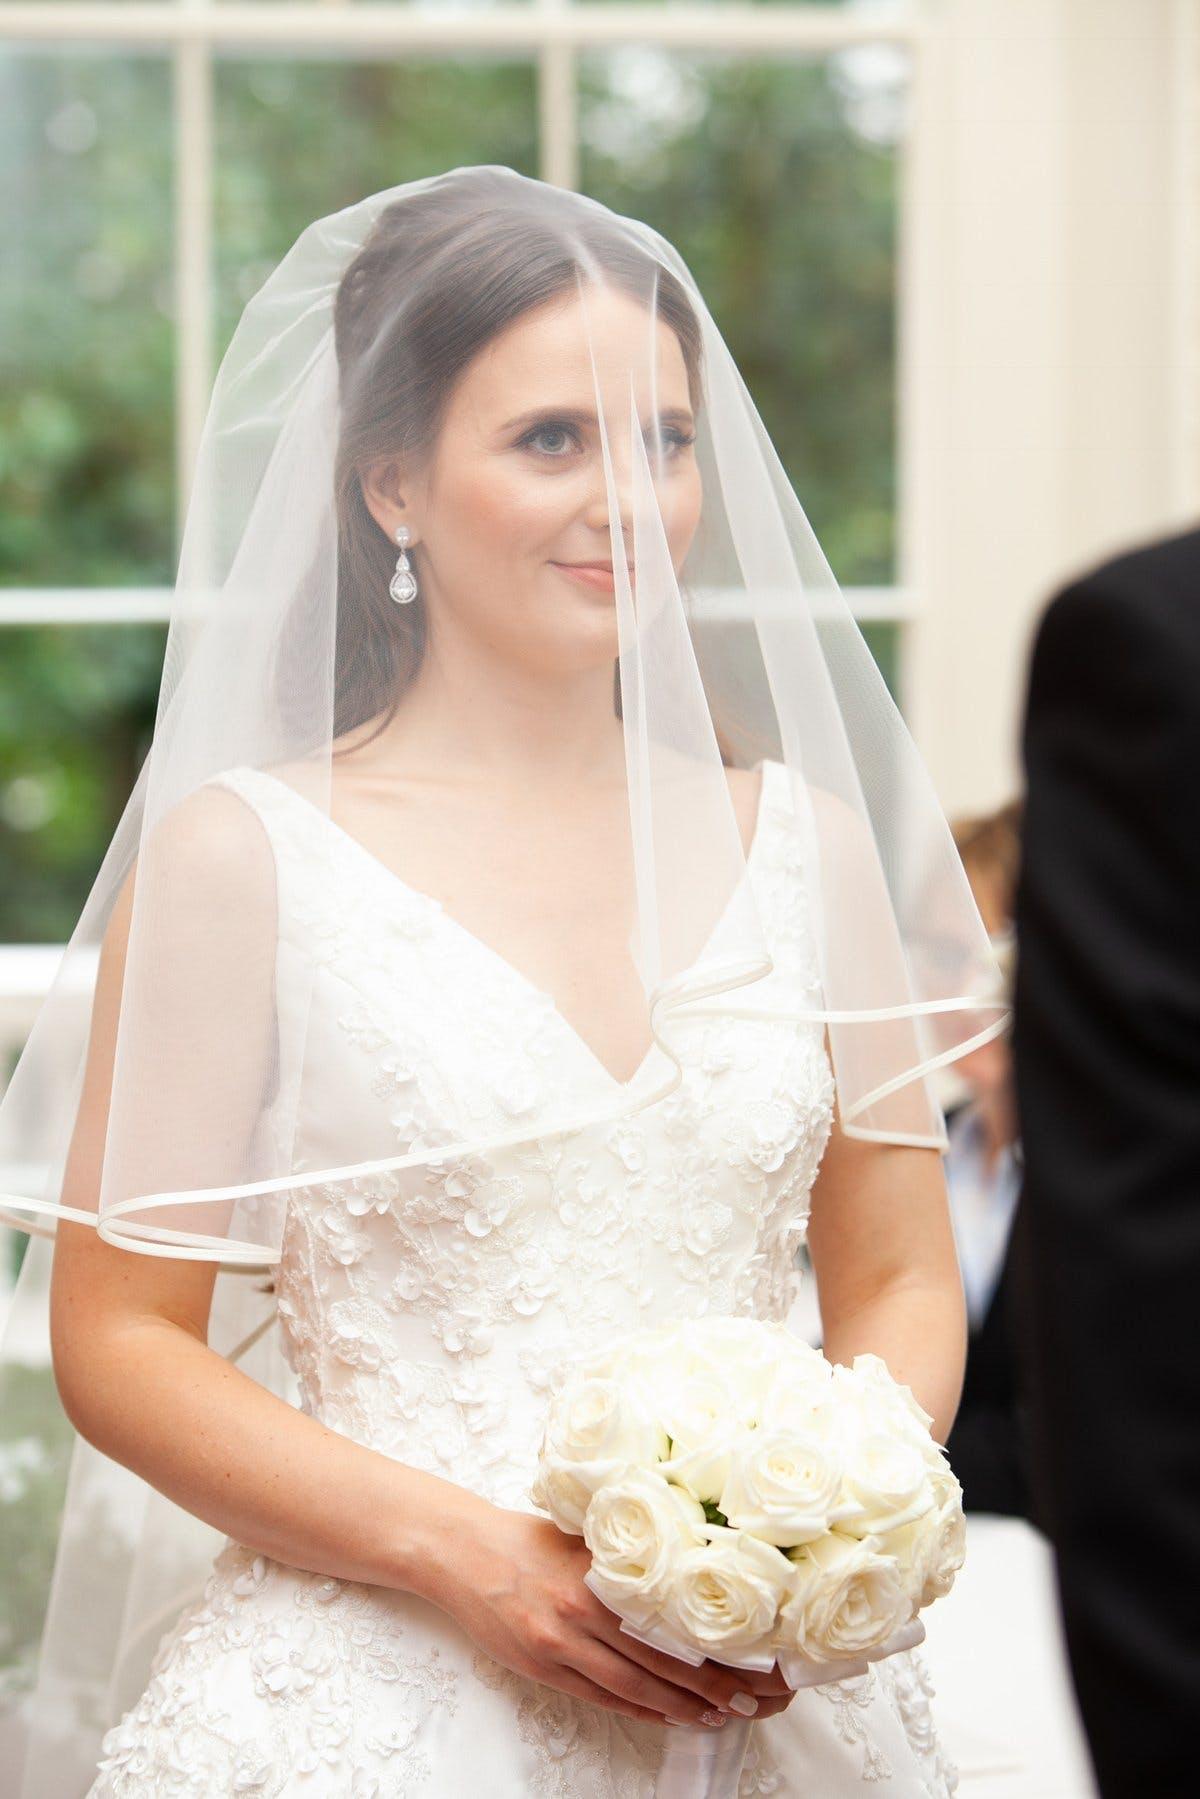 Sasha the bride